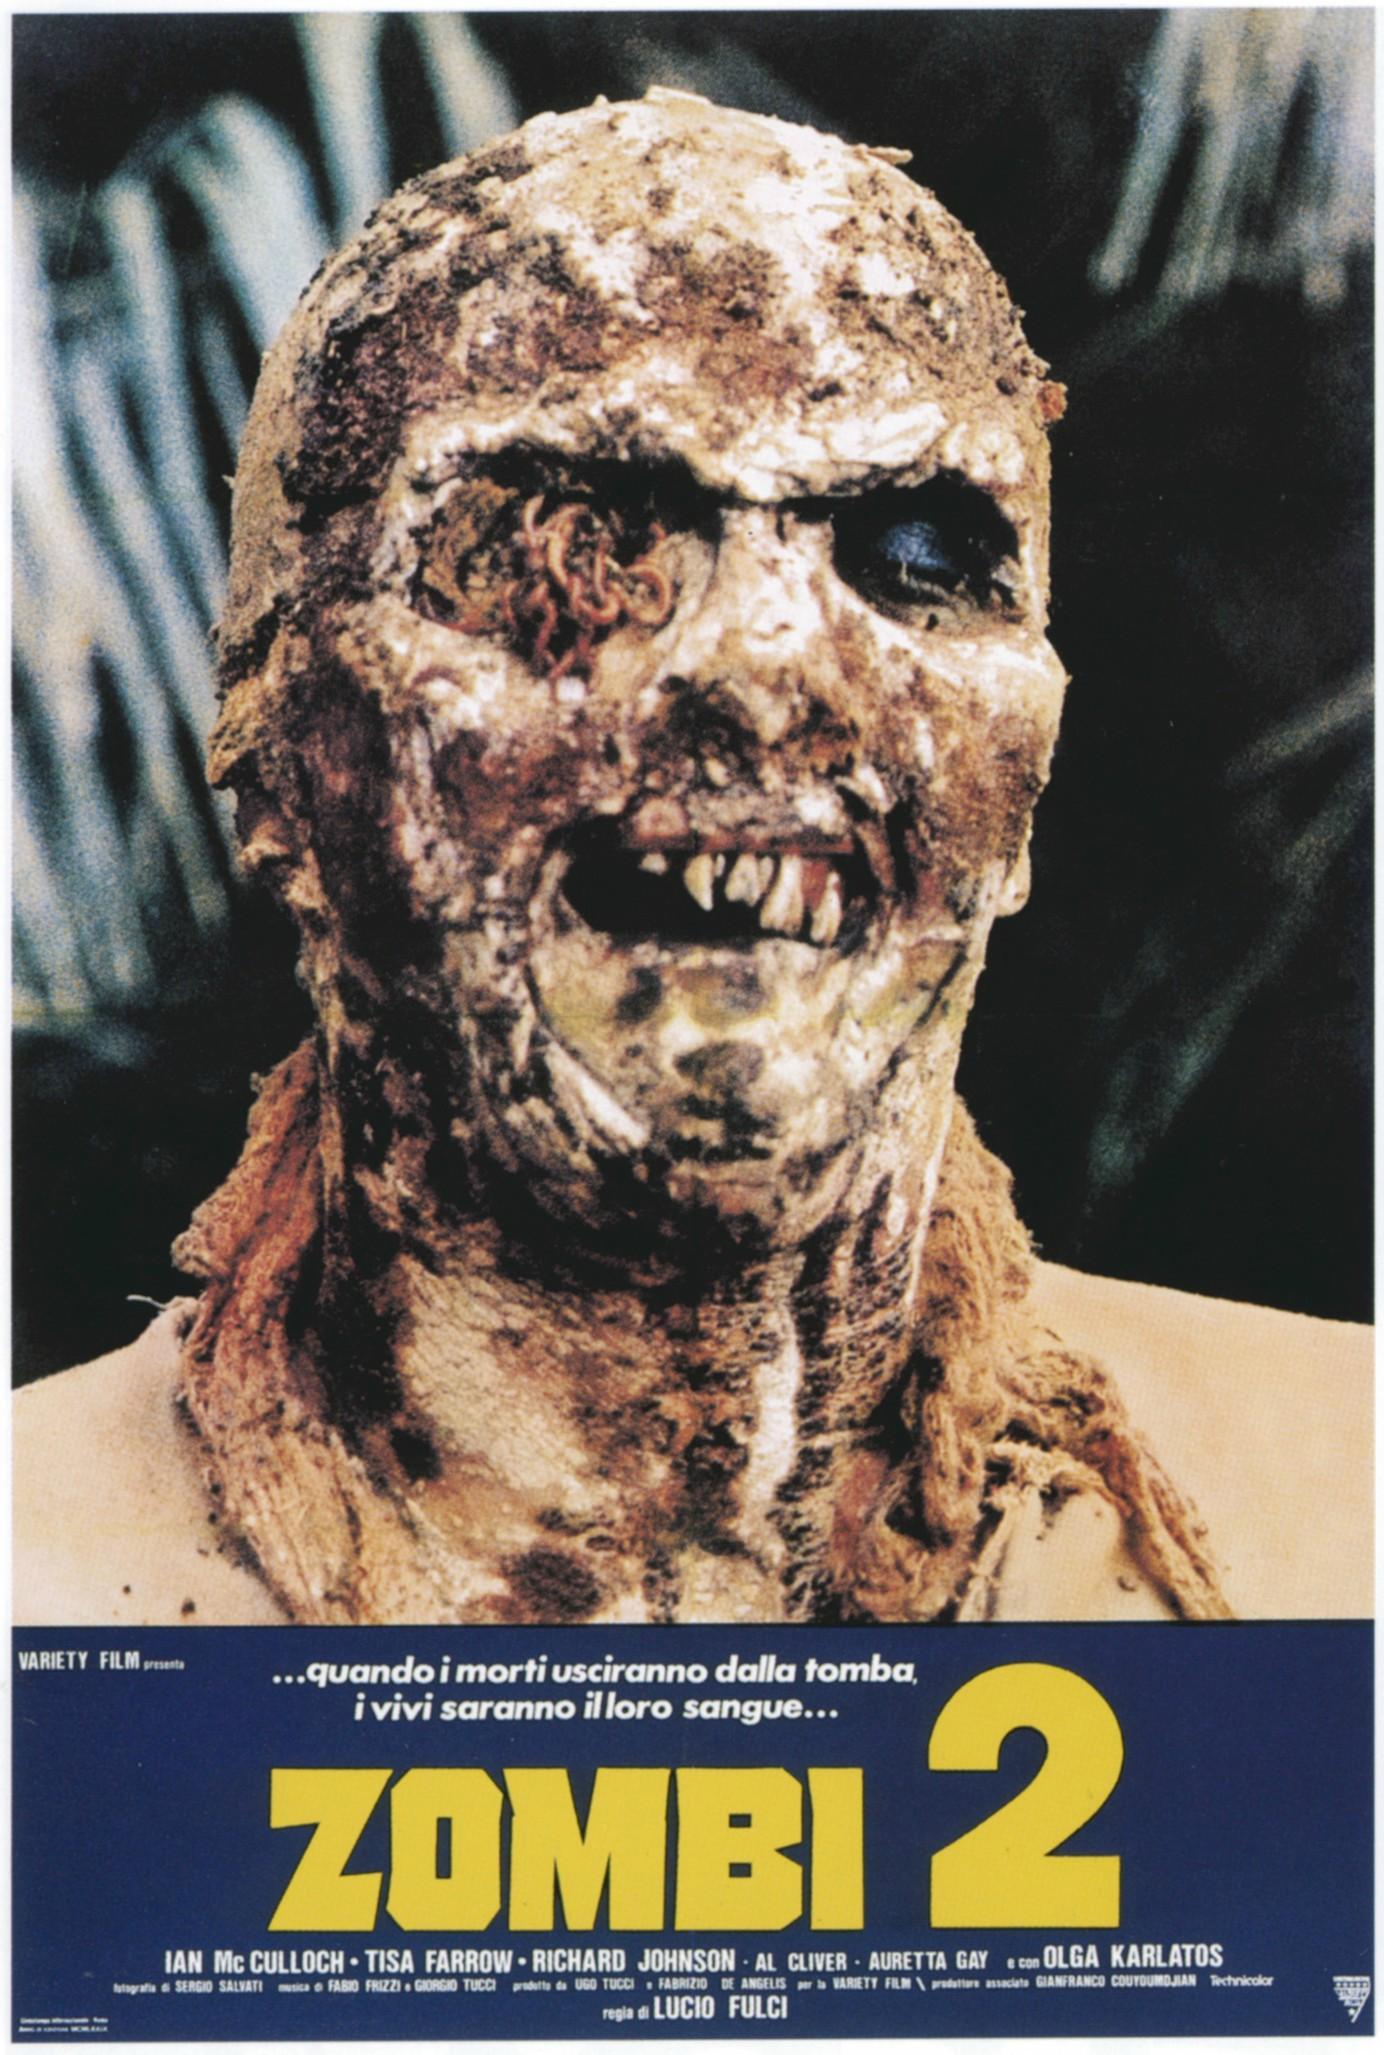 Пожиратели плоти (Zombi 2) 1979